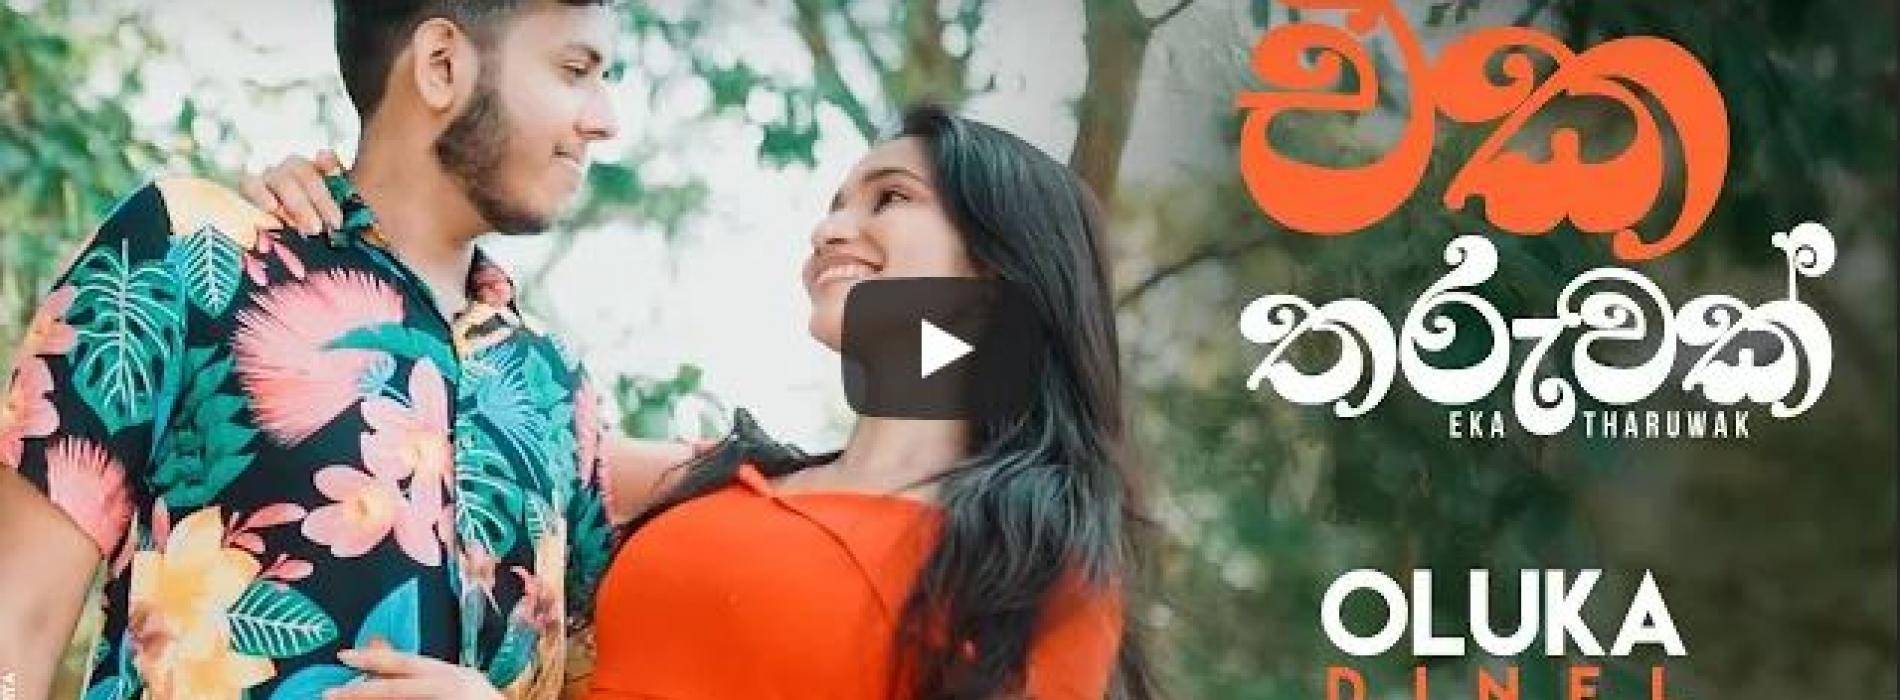 New Music : Oluka – Eka Tharuwak (එක තරුවක්) Official Music Video